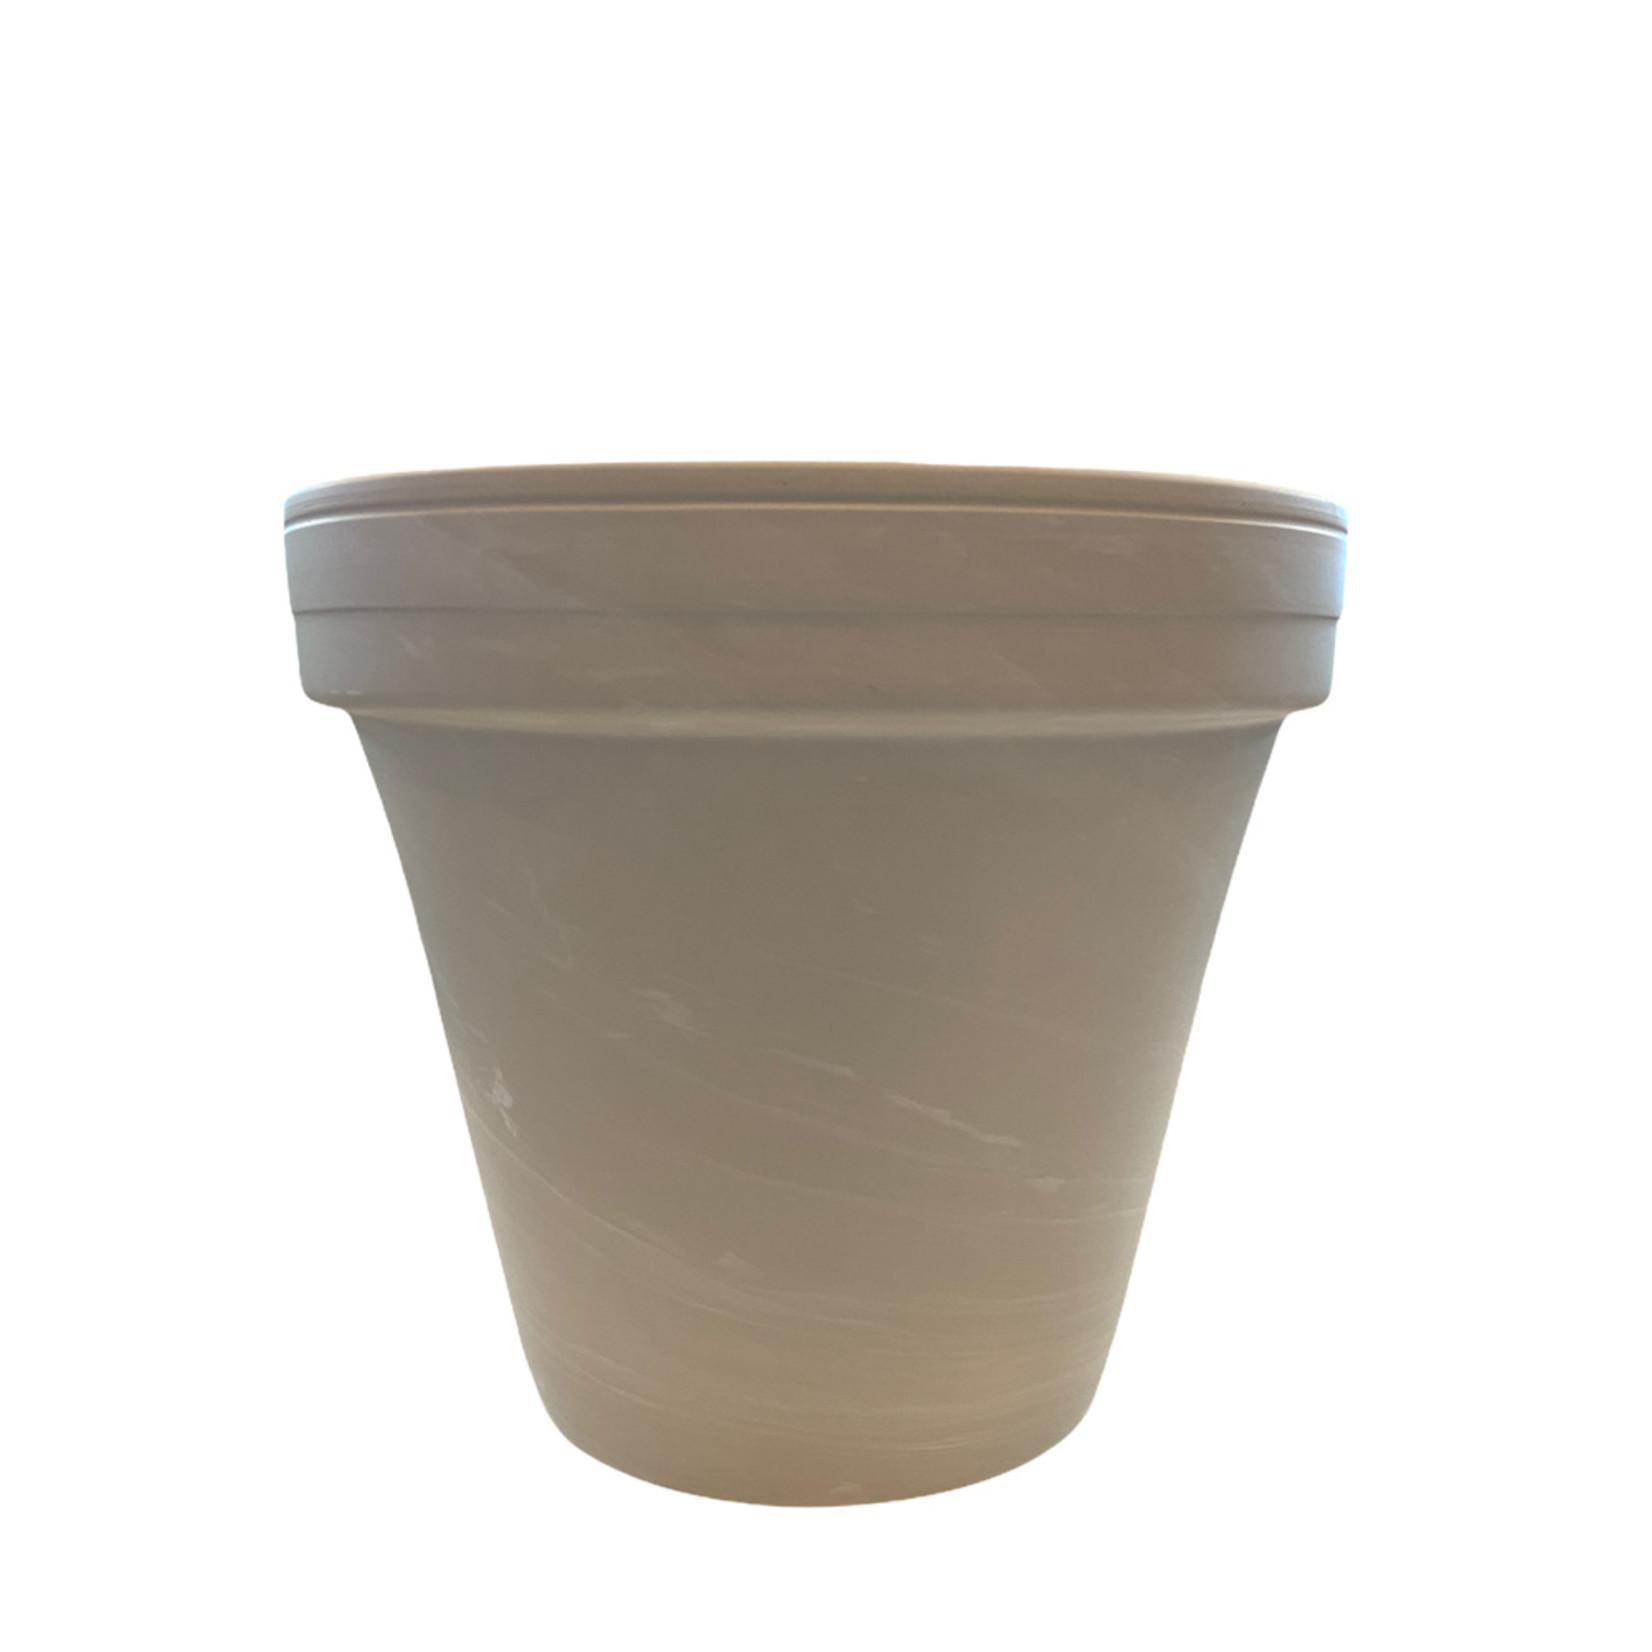 Spang Pot Standard Allemagne Granit 20cm